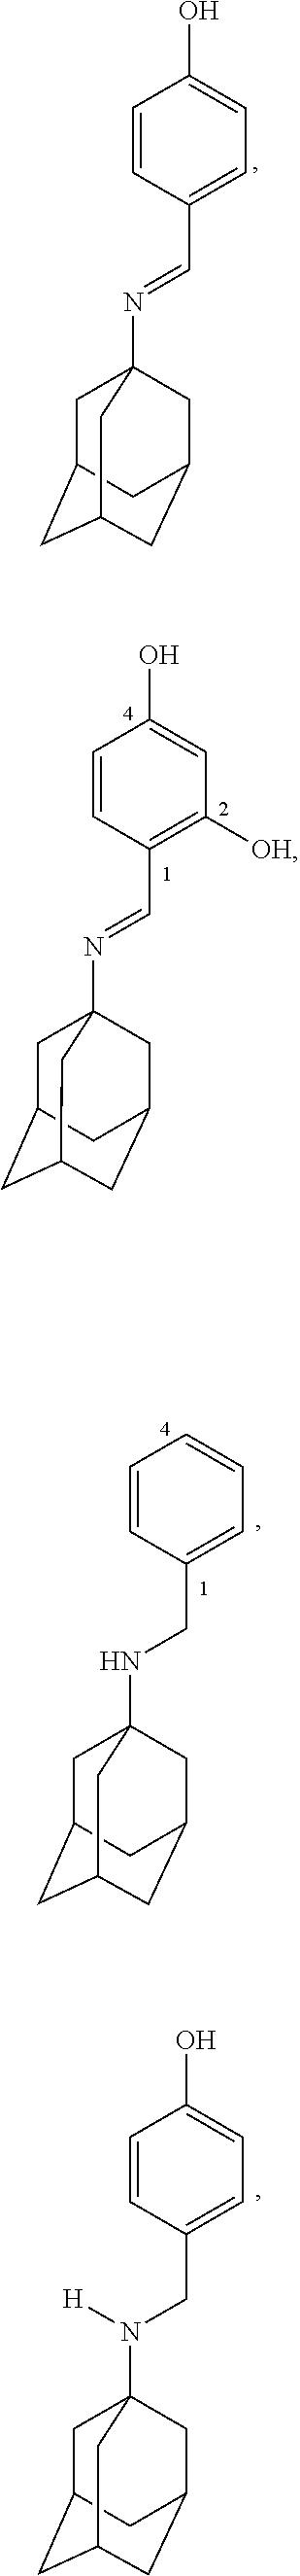 Figure US09884832-20180206-C00104